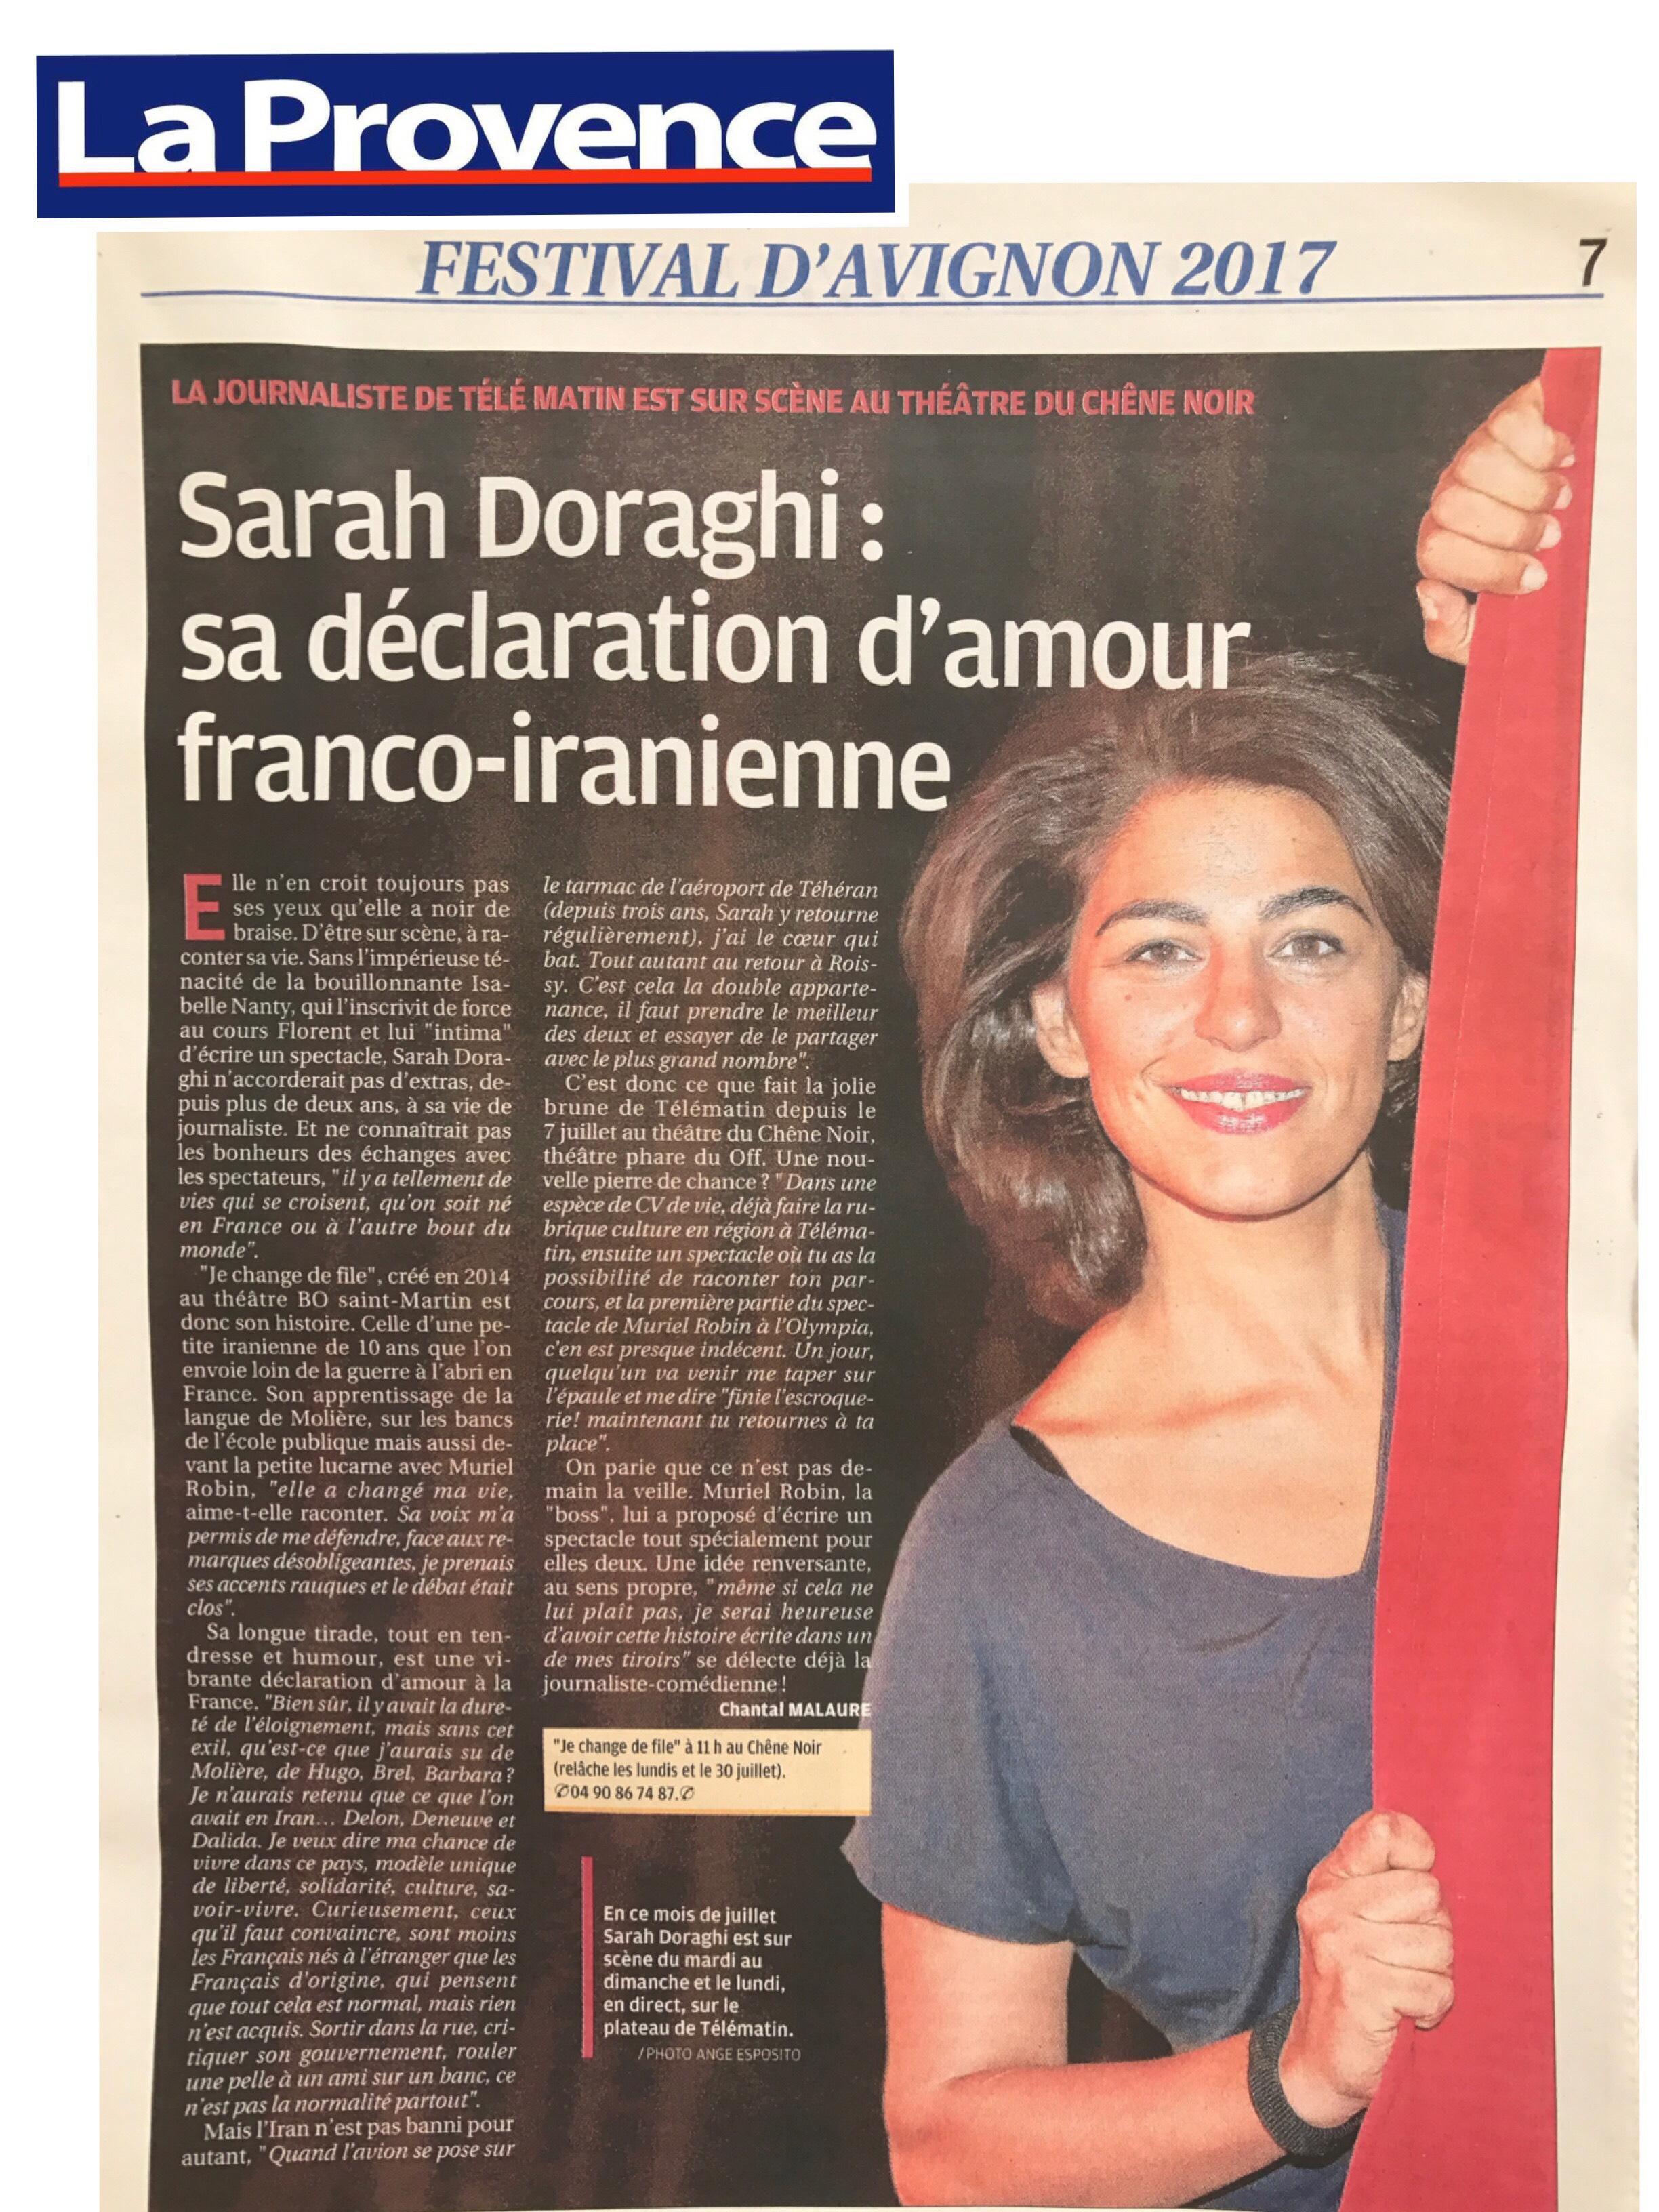 La Provence Sortir 12.07.17